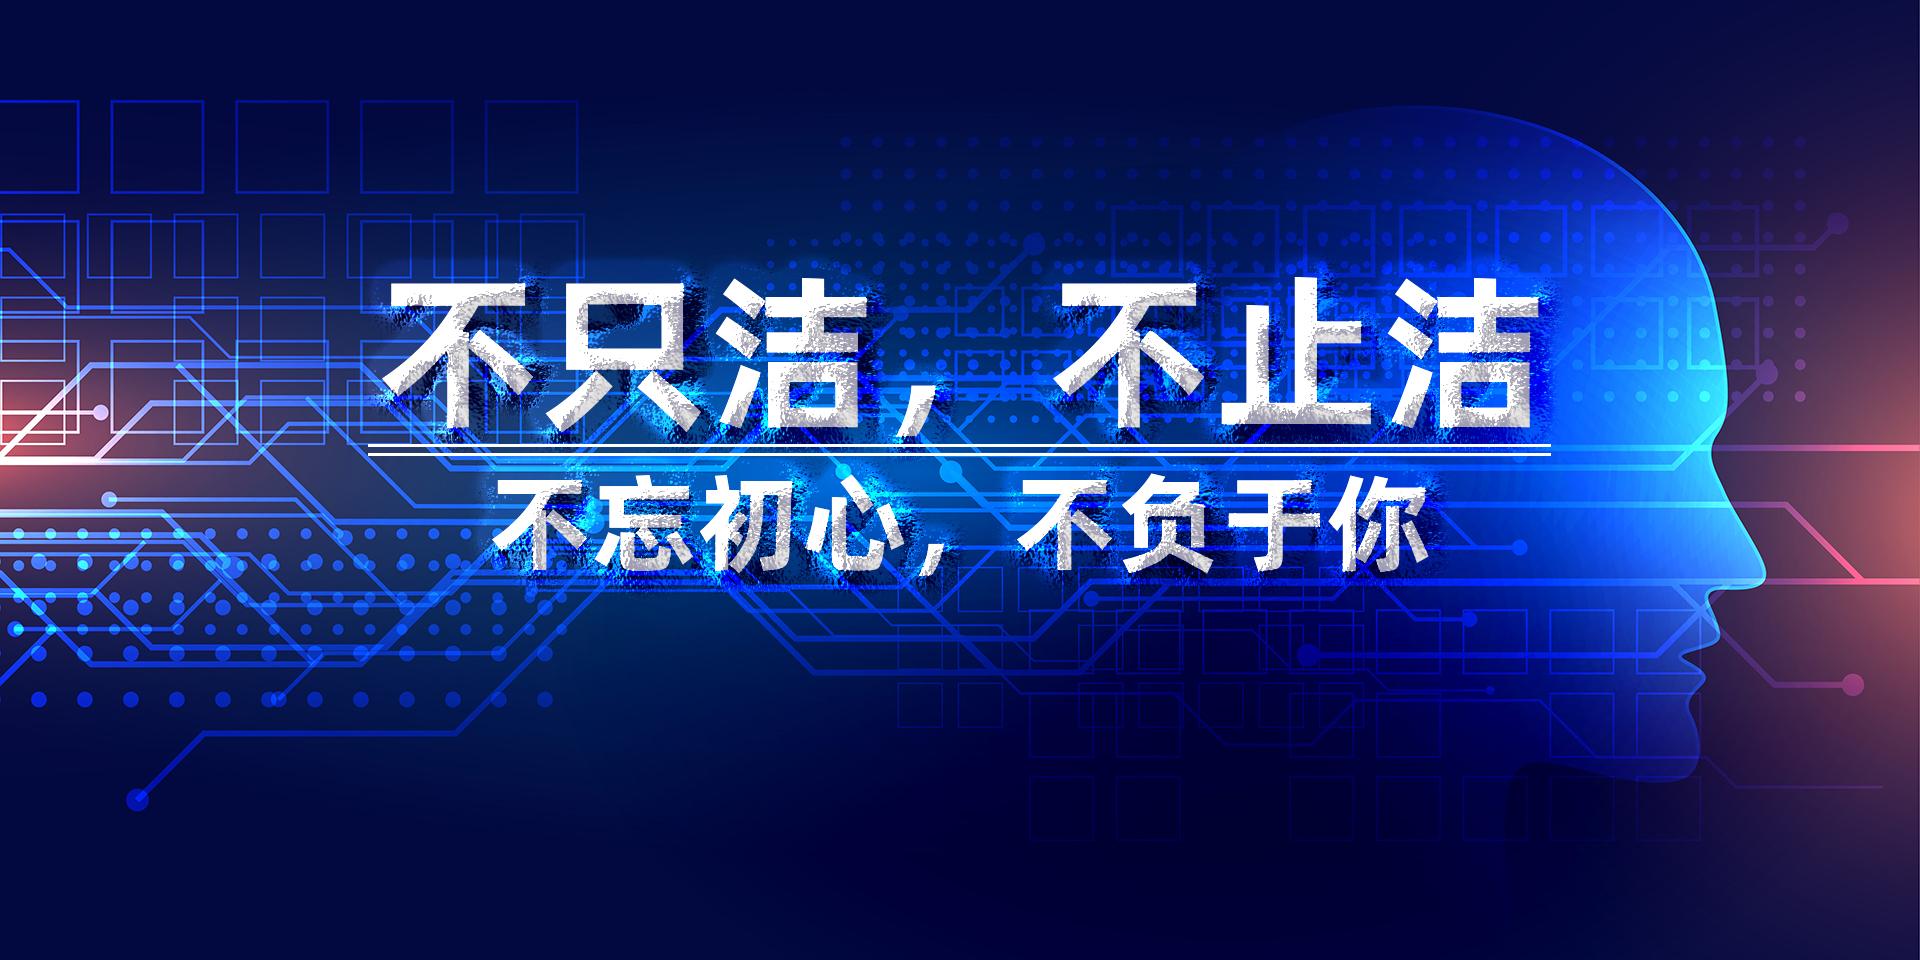 中国合瑞科技全自动鞋底清洁机绿源科技全自动鞋底清洗机